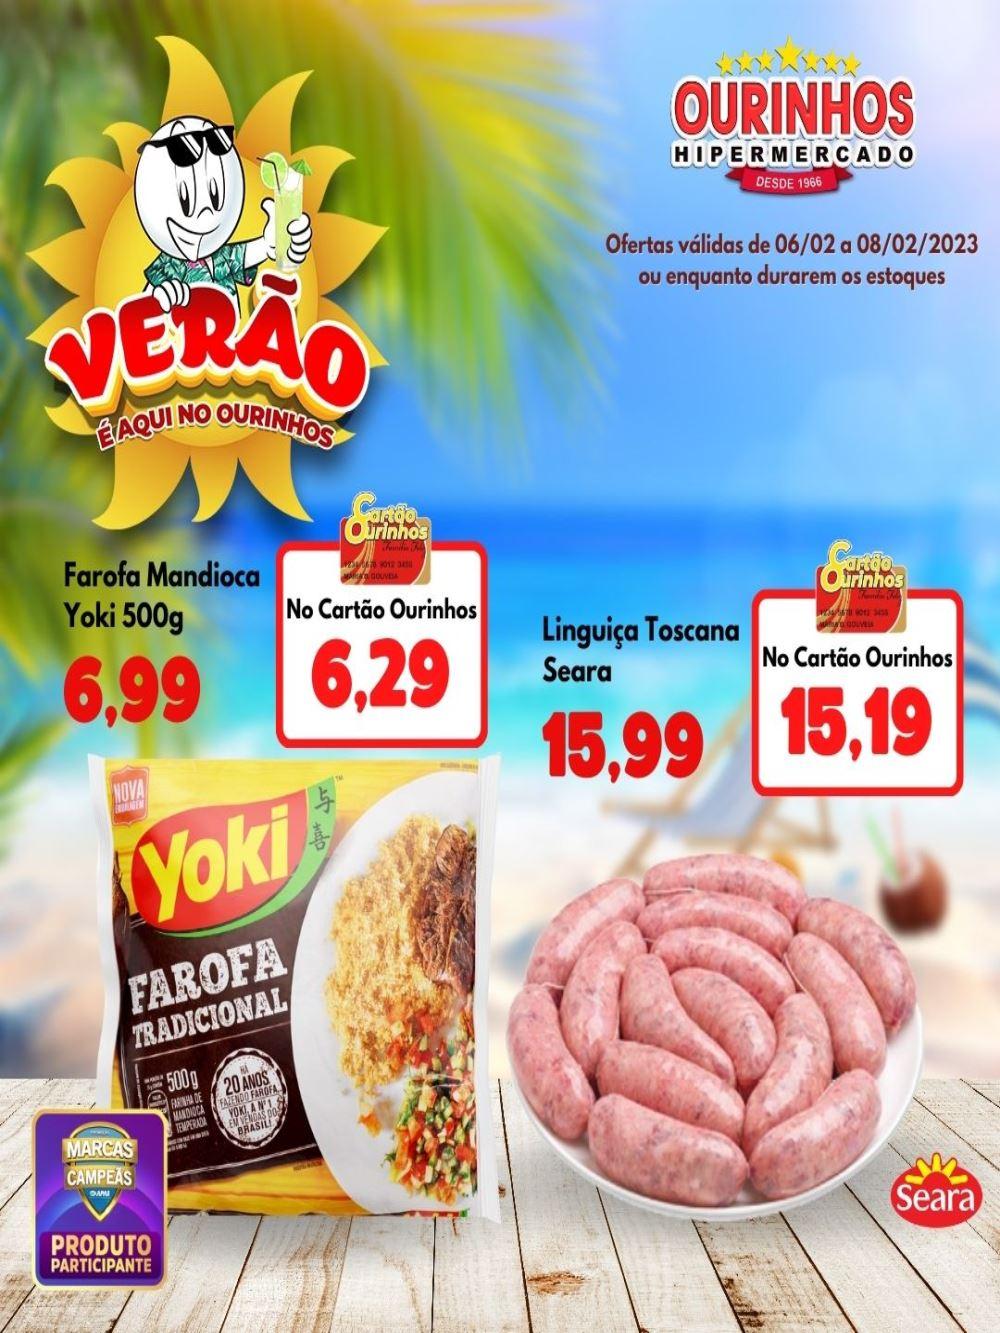 ourinhos-ofertas-descontos-hoje1-15 Ofertas de supermercados